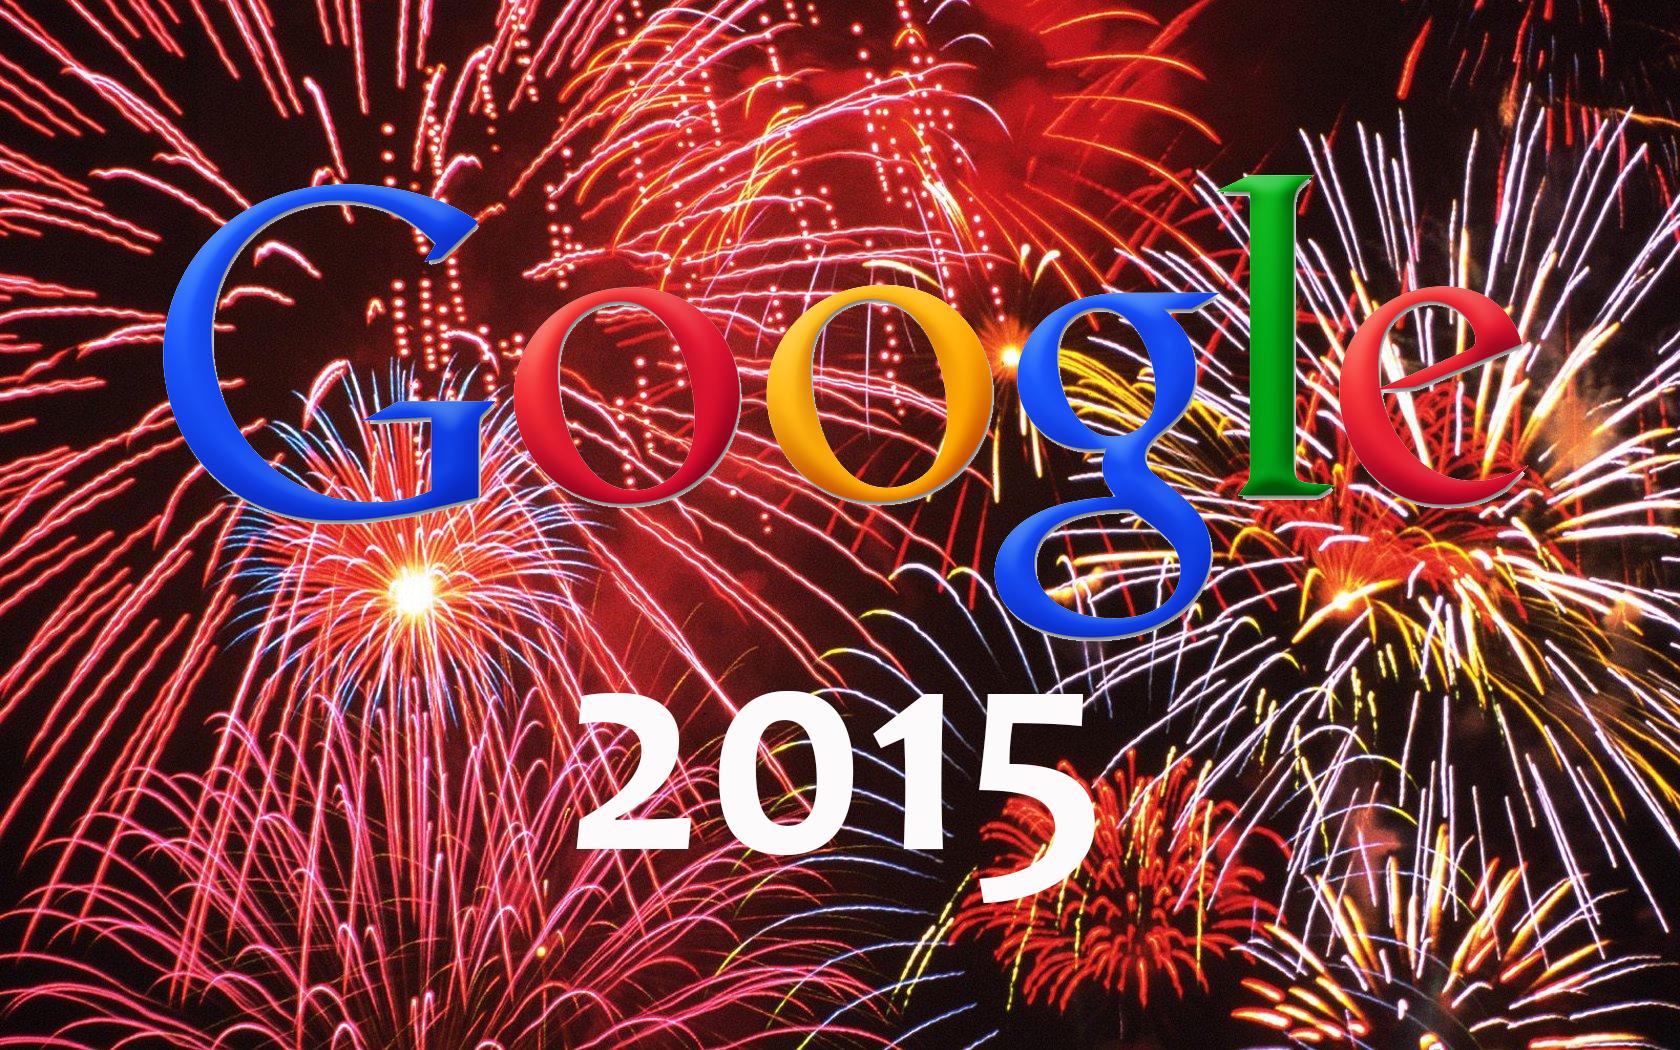 2014 begint zo langzamerhand op zijn einde te lopen en de focus van Bette richt zich alweer op komend jaar. Wat kunnen we in 2015 van Google verwachten? Check: ow.ly/EnphT #SEO   #Google